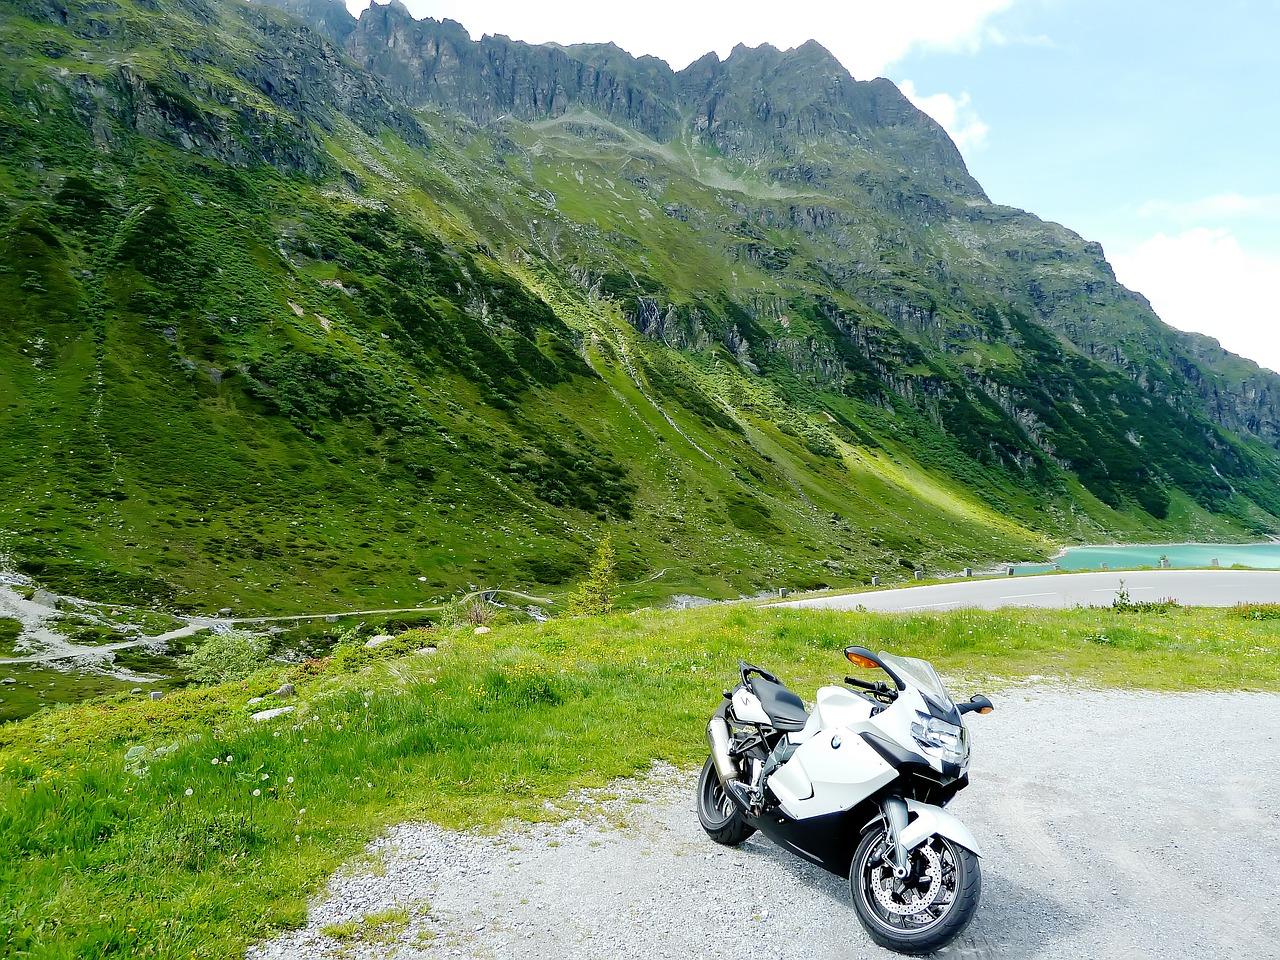 Mit dem Motorrad hoch hinaus: Ausflugsziele in den Bergen